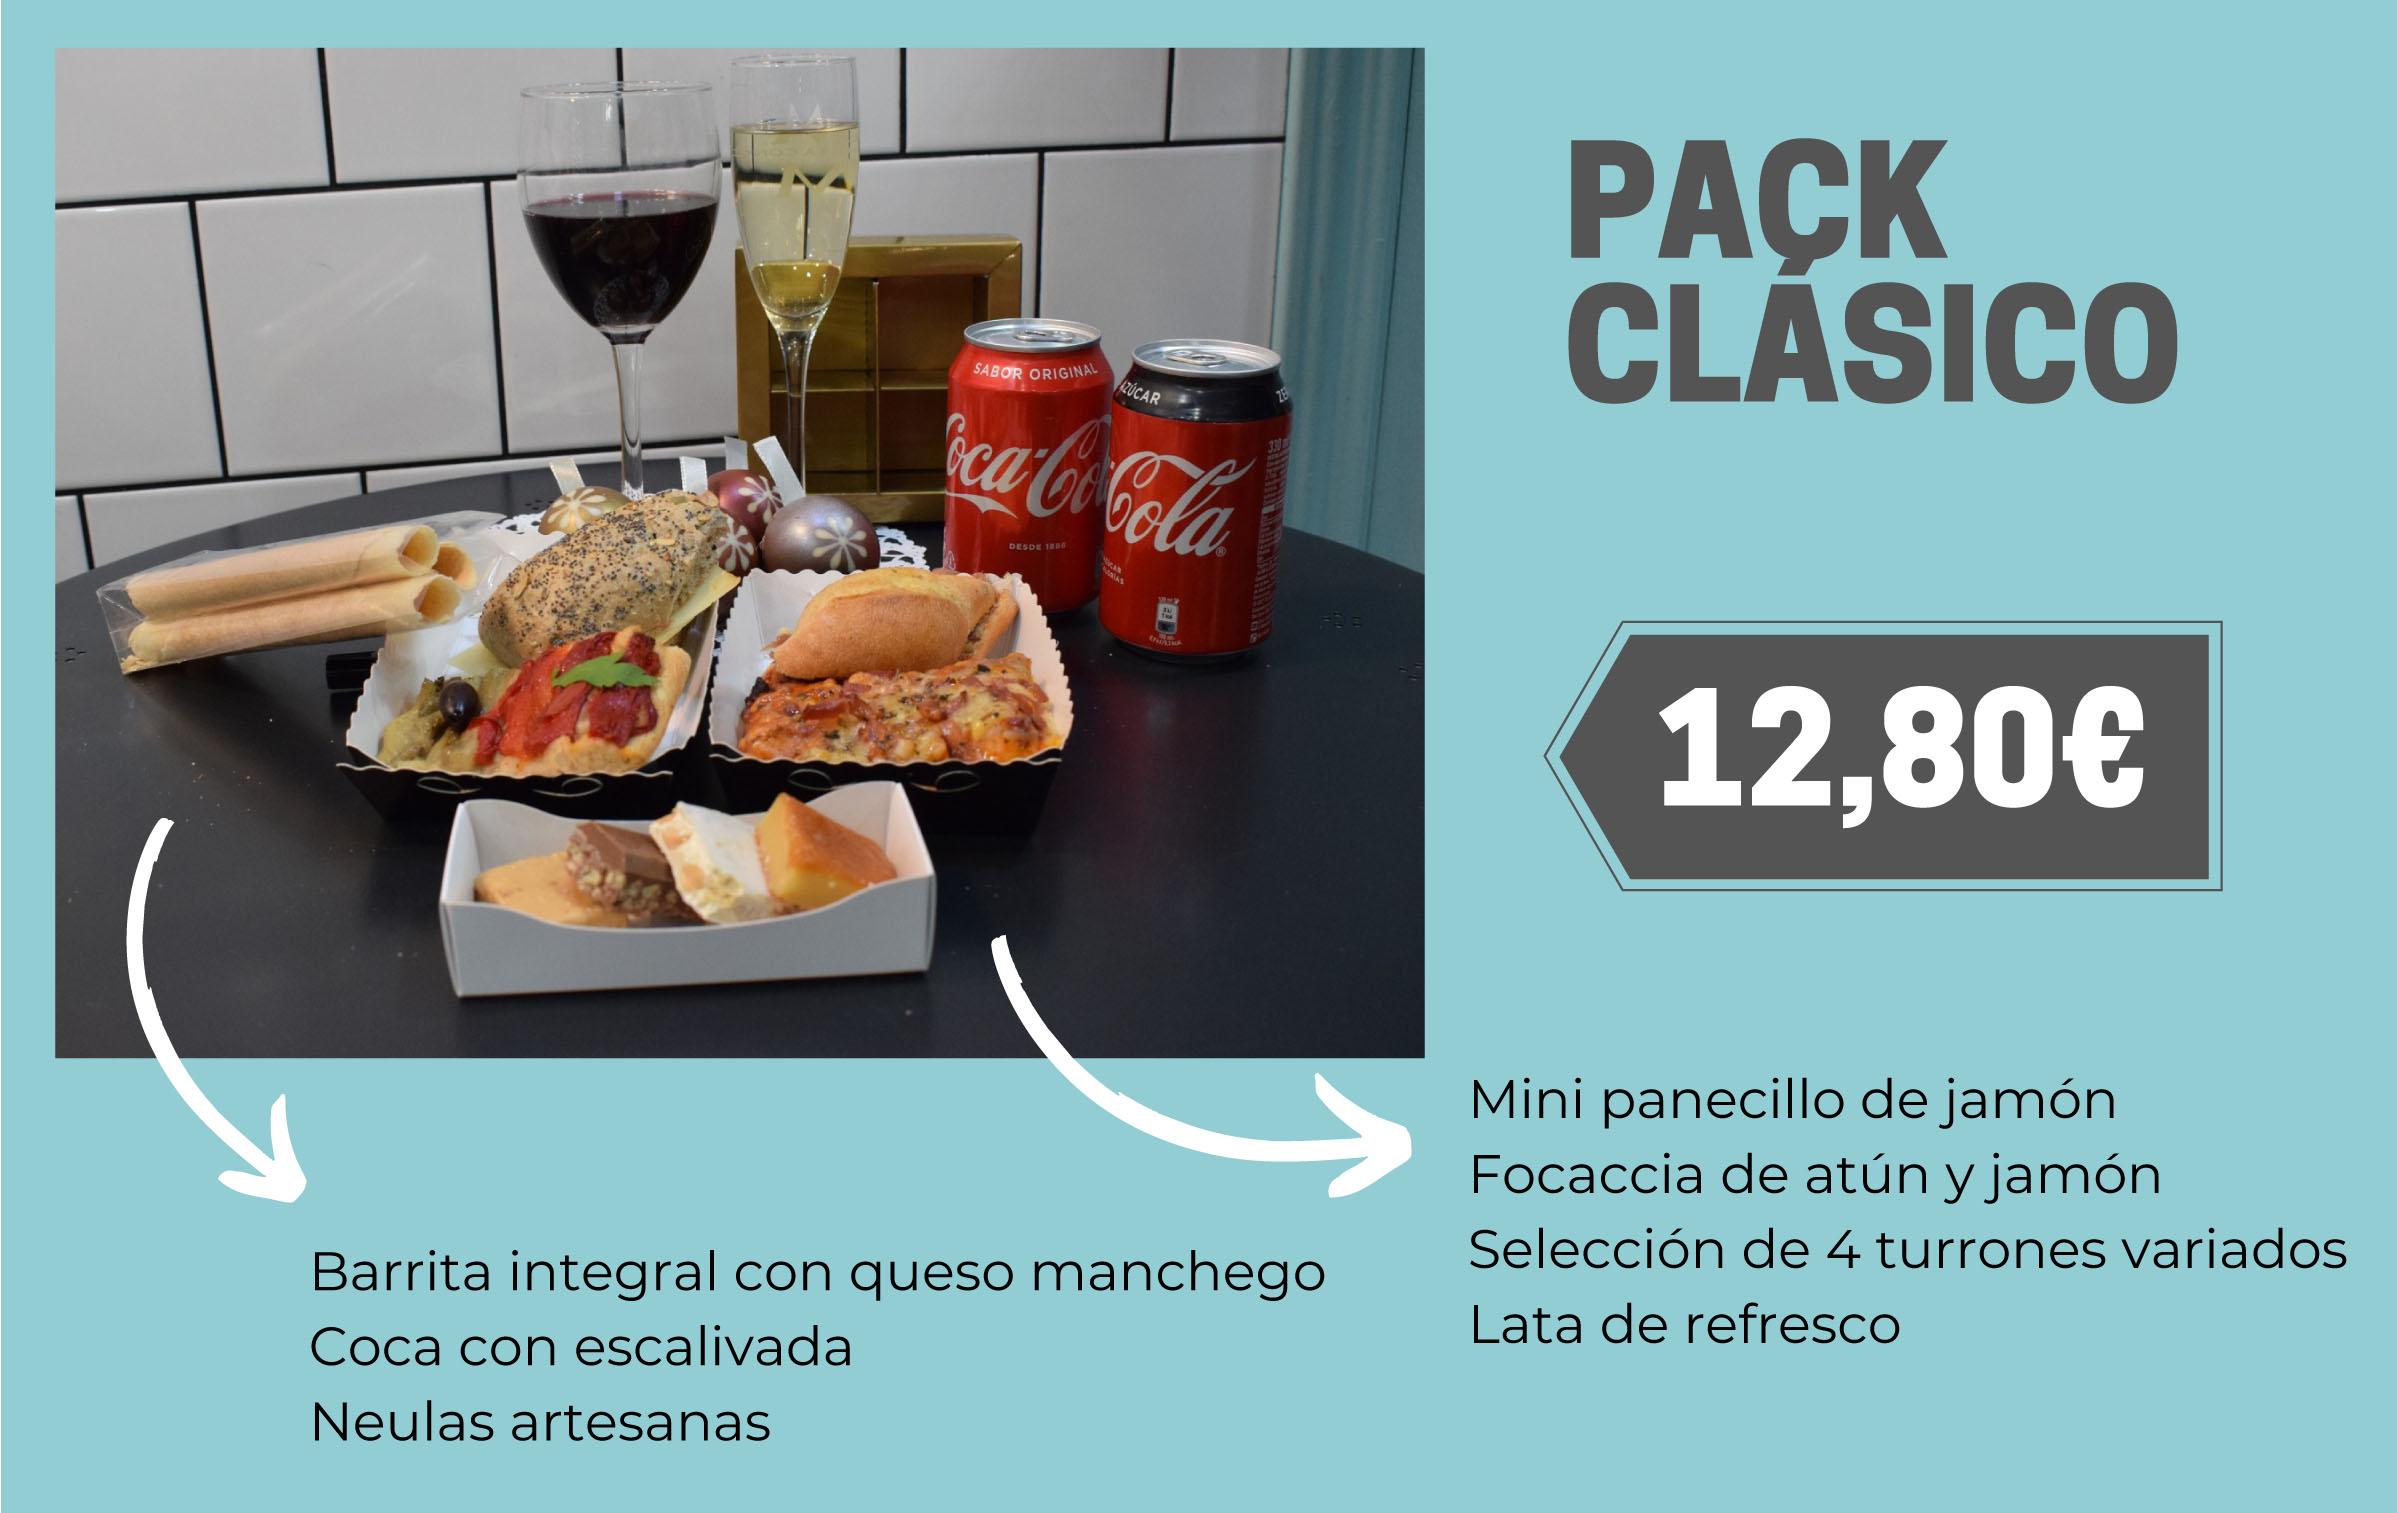 Pack clasico